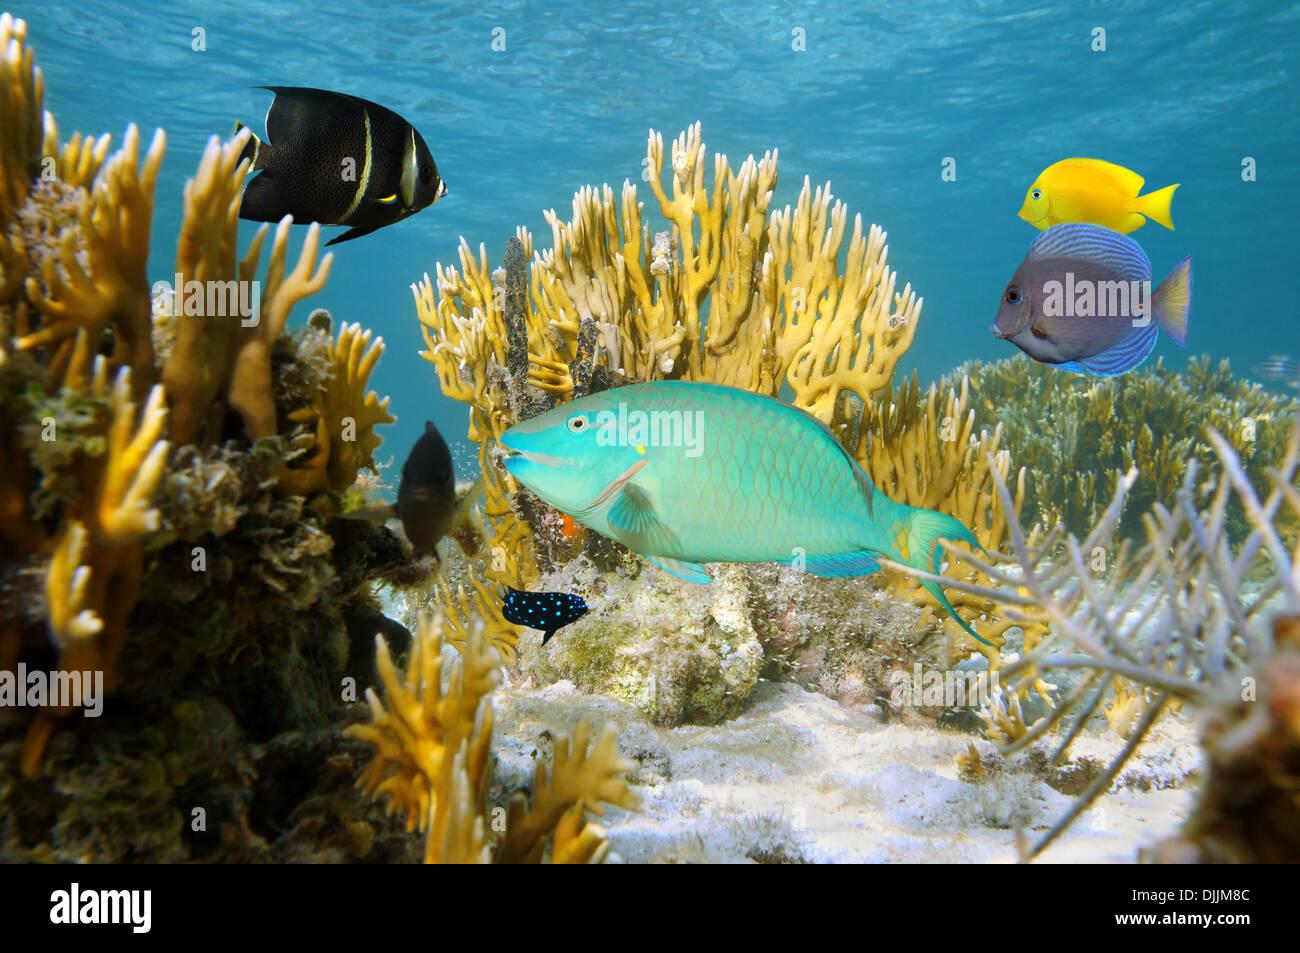 Scena sottomarino con colorati pesci tropicali in una barriera corallina, Oceano Atlantico, isole Bahamas Immagini Stock